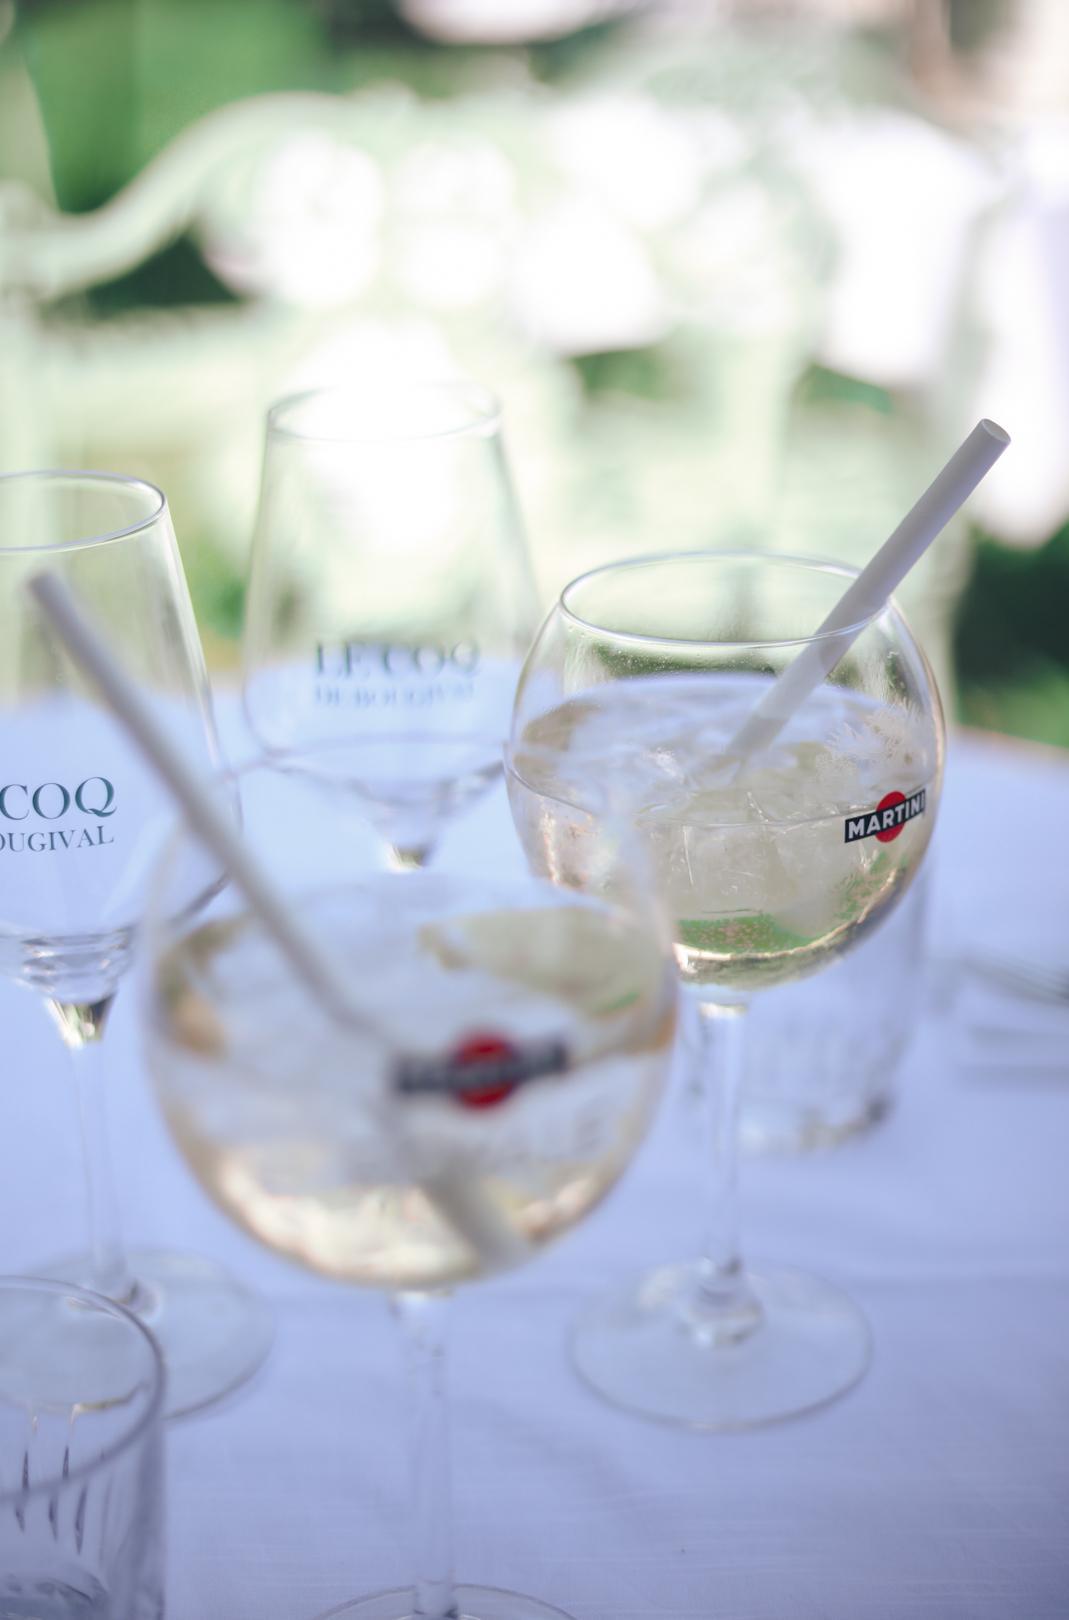 cocktail le coq de bougival